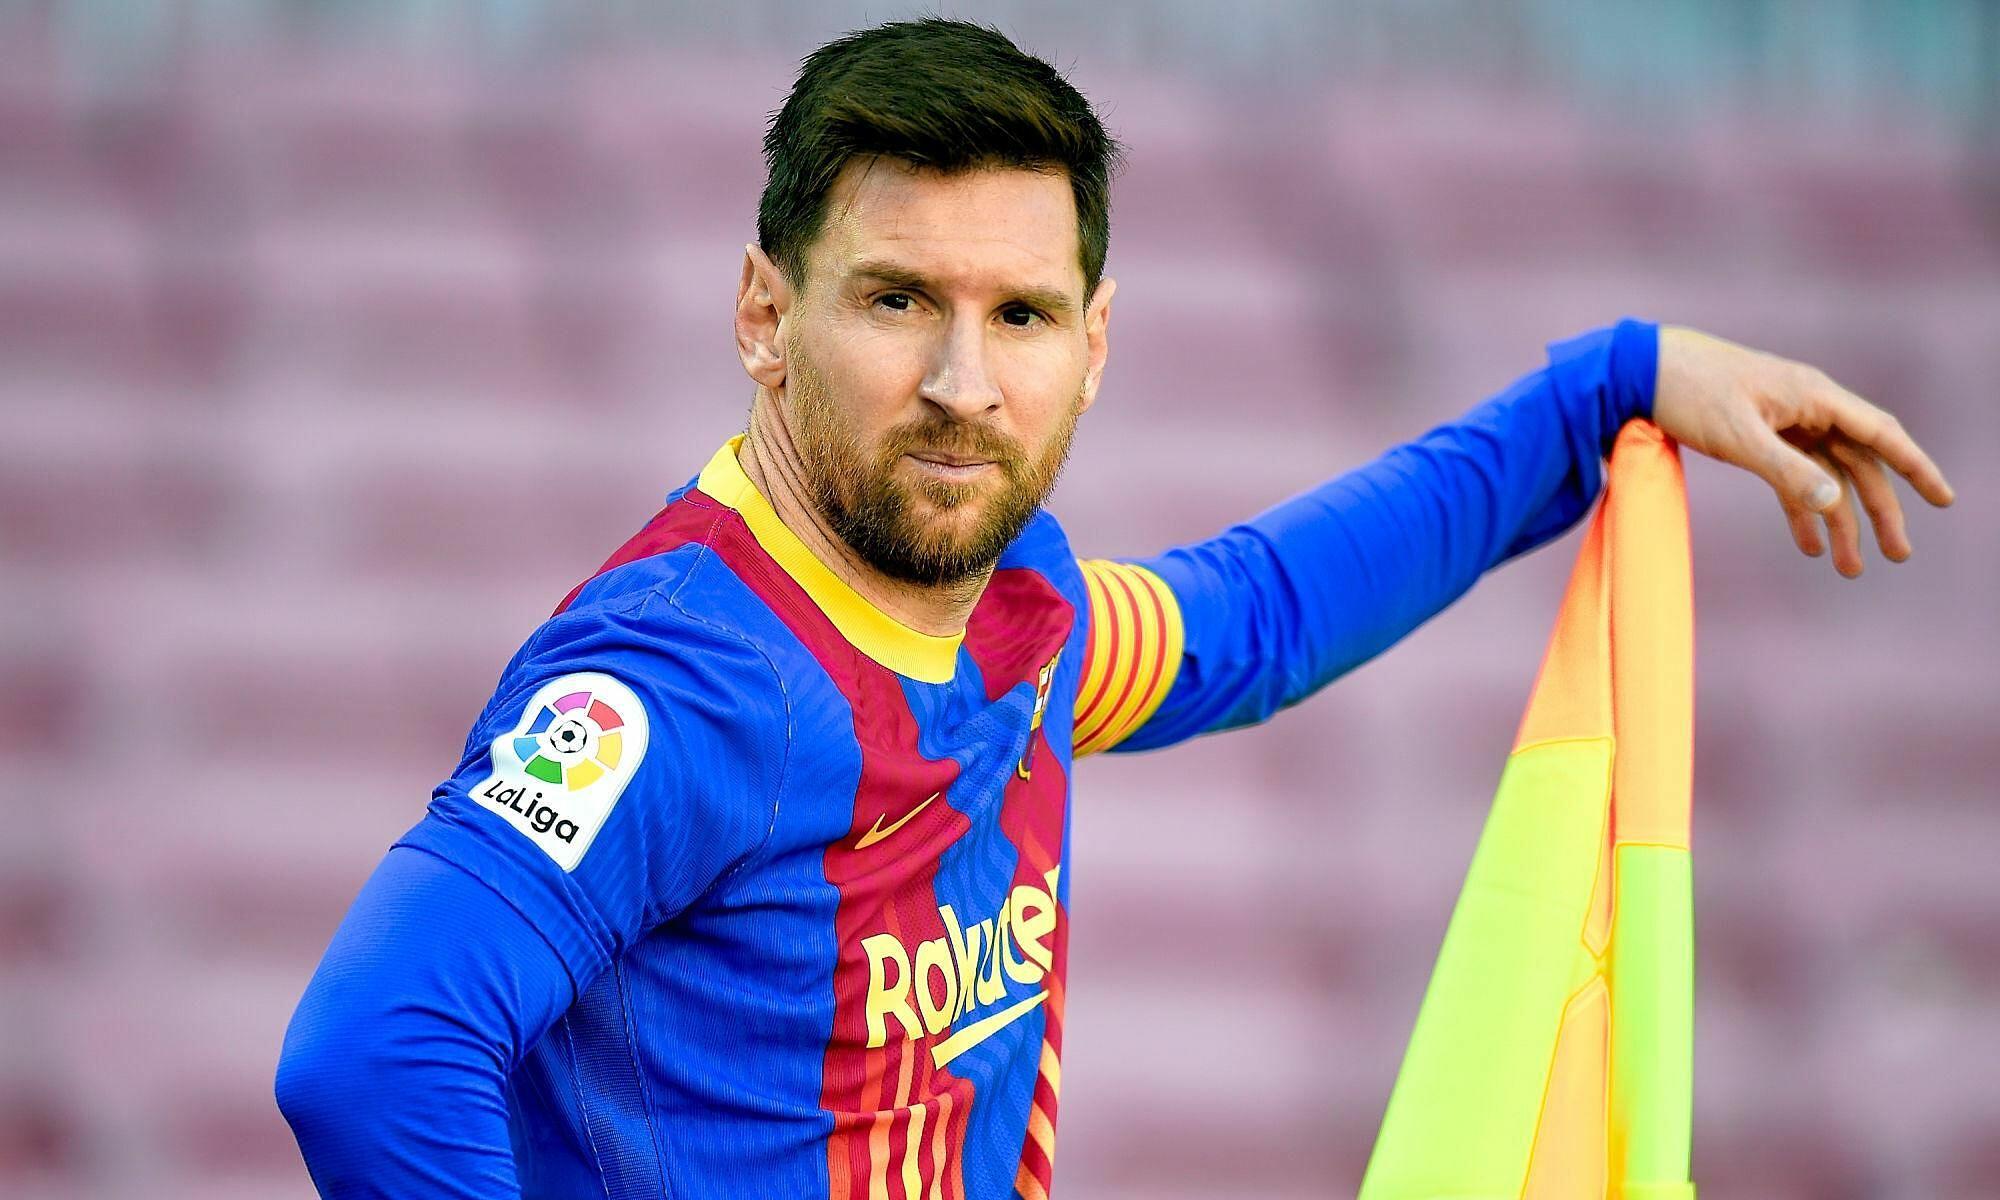 Messi muốn ở lại, và đã chờ hơn tháng sau khi hết hợp đồng để tái ký với Barca, nhưng vẫn không được như ý. Ảnh: AFP